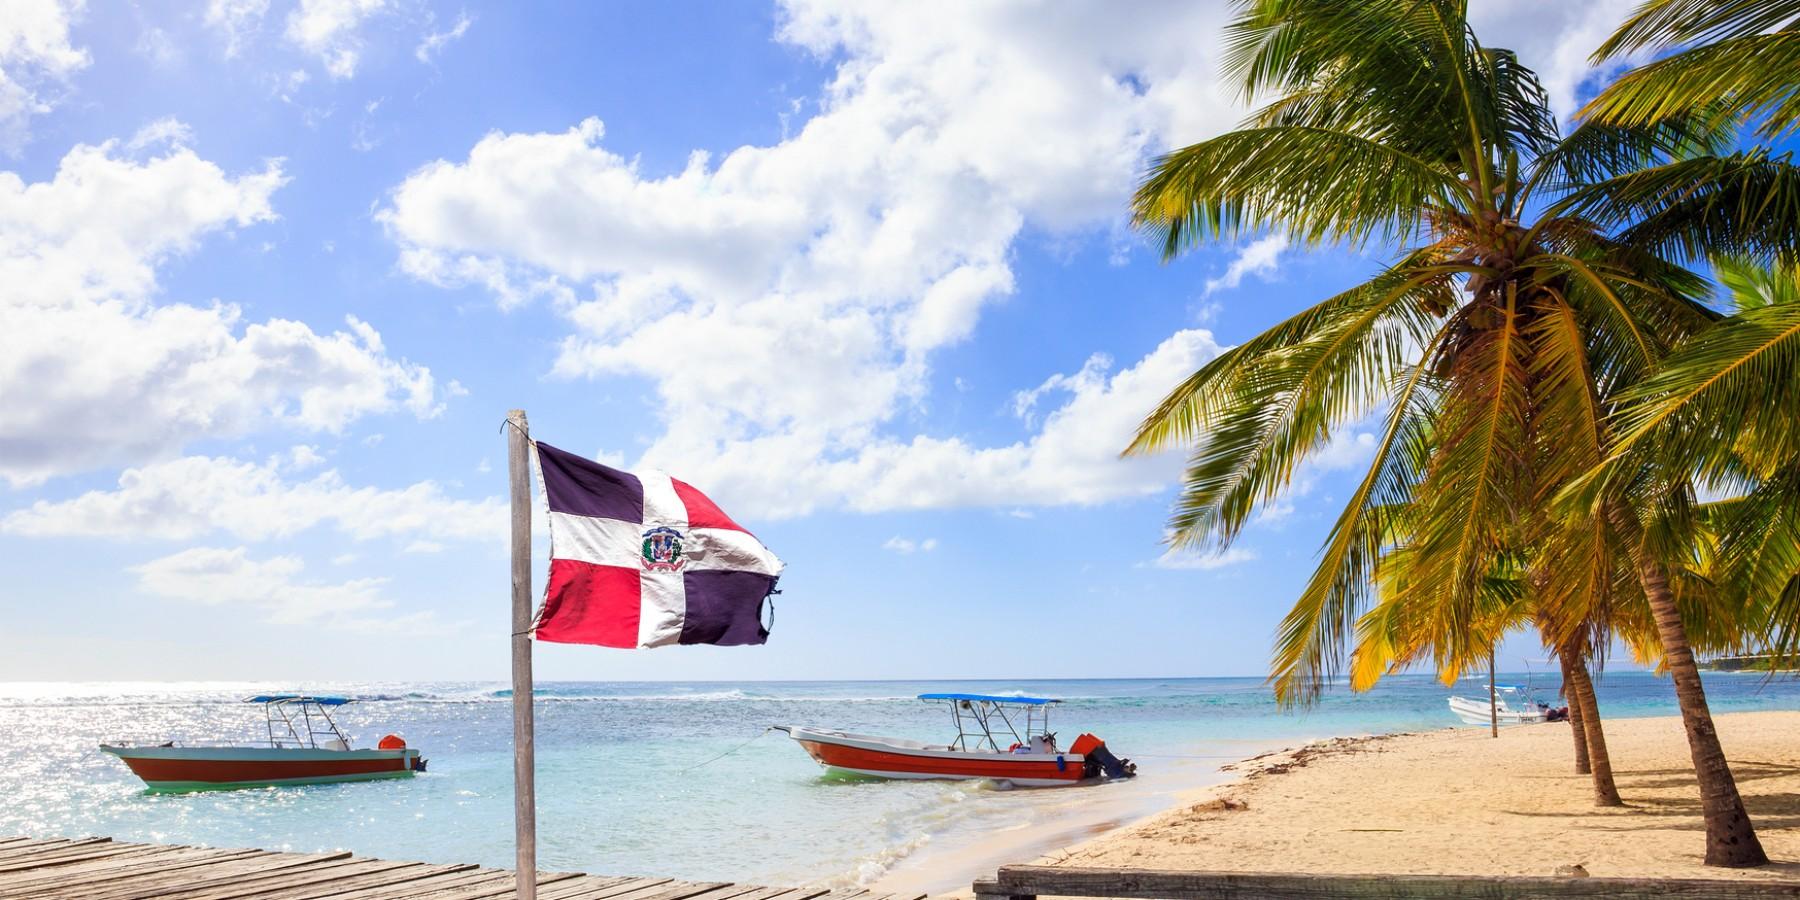 Reino Unido llama a turistas a tener cuidado cuando viajen a RD por criminalidad